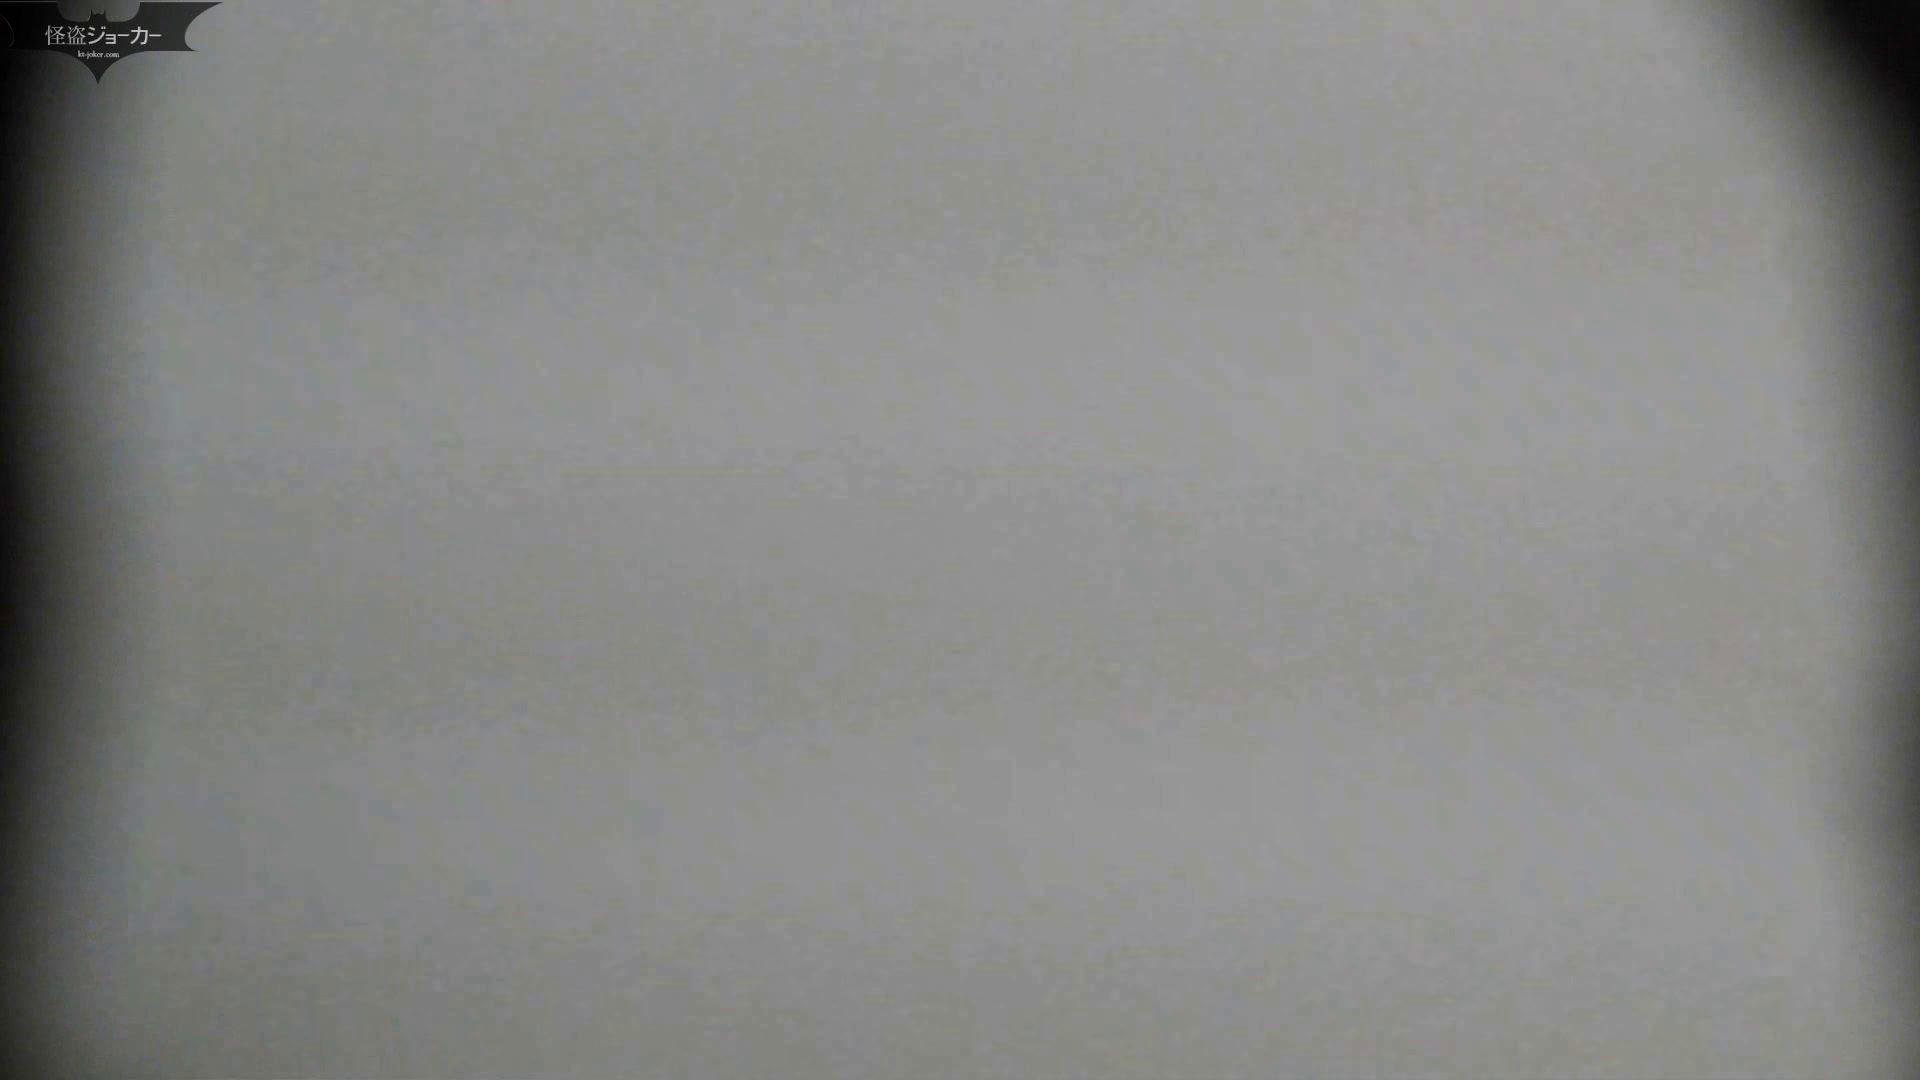 【美しき個室な世界】洗面所特攻隊 vol.051 洗面所 | OLのボディ  72PIX 45